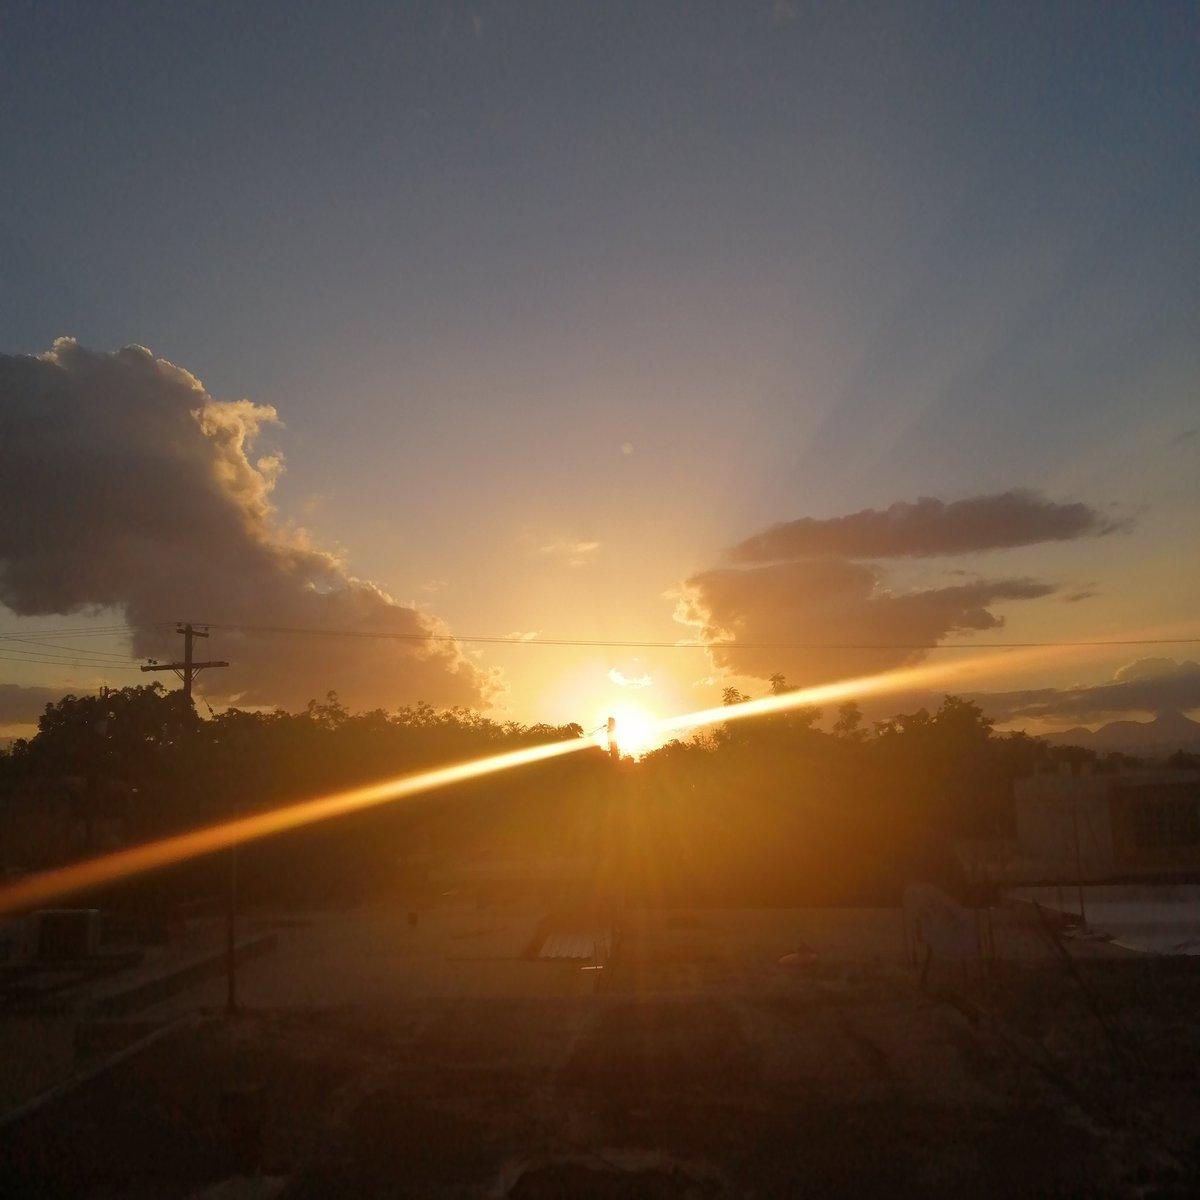 Hoy el cielo se veía hermoso... Igual que tú. @official_ACE7